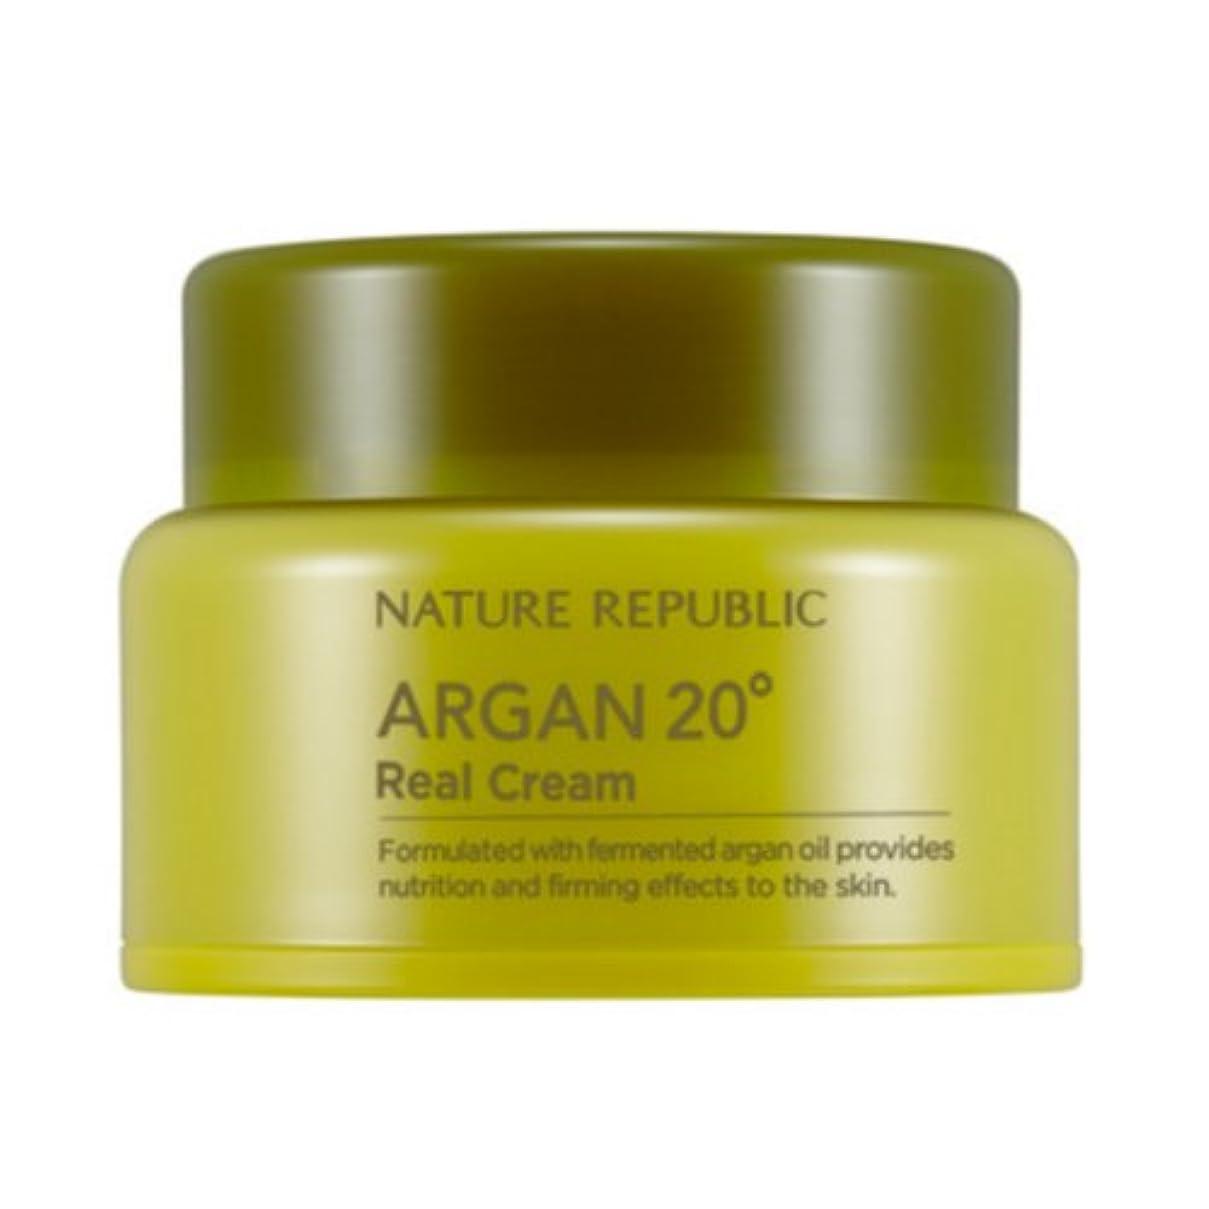 消費期待する湿原[ネイチャーリパブリック] Nature republicアルガン20ºリアルクリーム海外直送品(Argan20ºReal Cream) [並行輸入品]